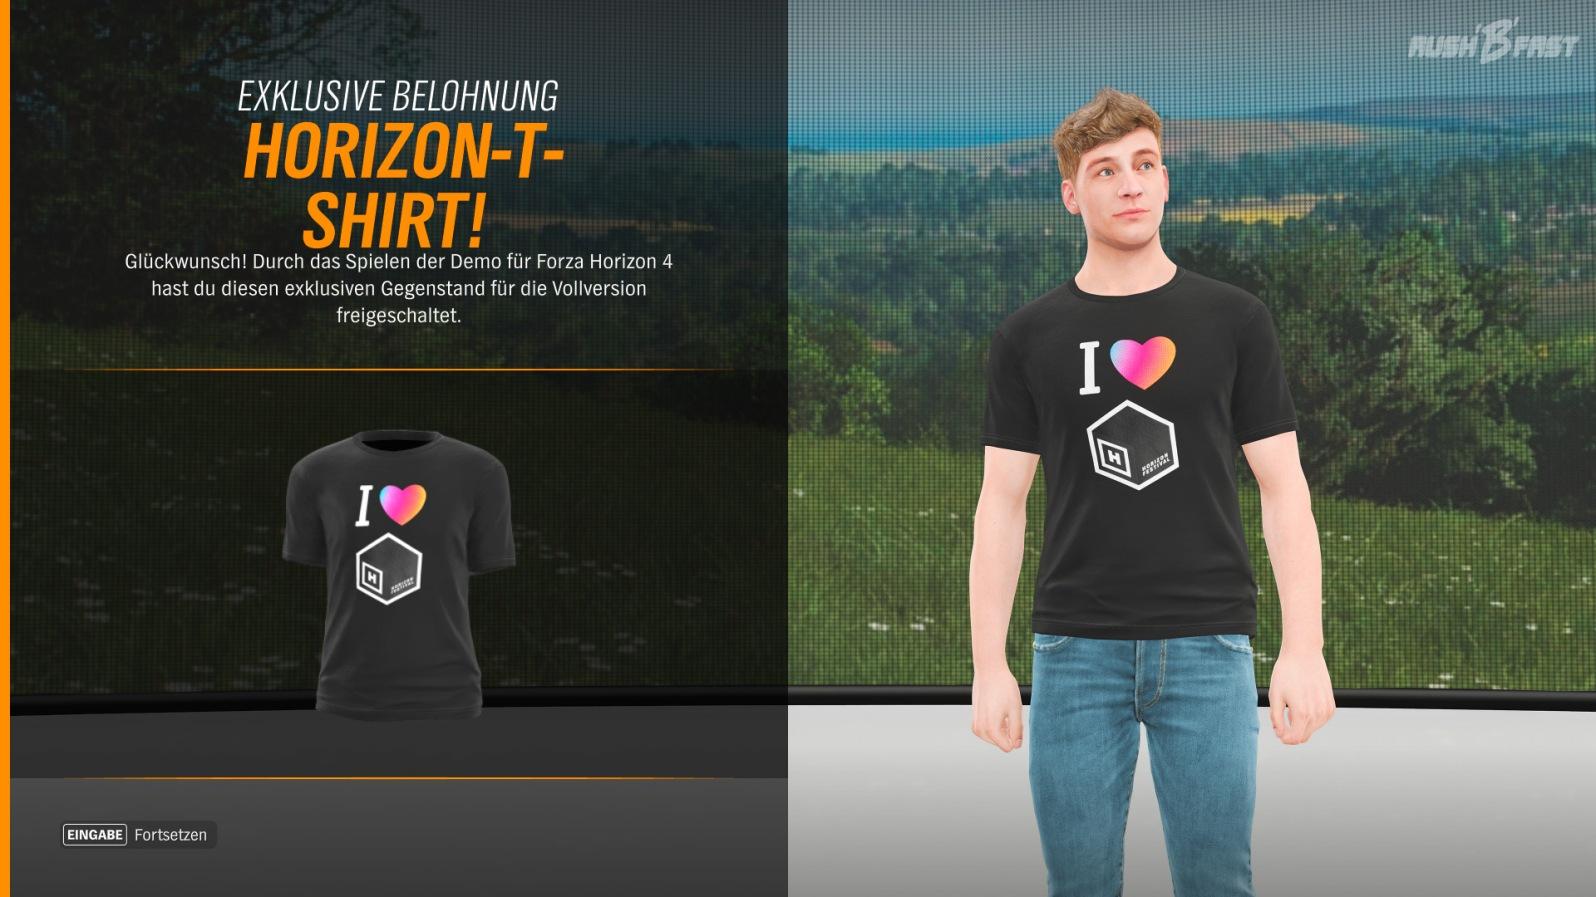 Forza Horizon 4 Demo - Horizon-T-Shirt